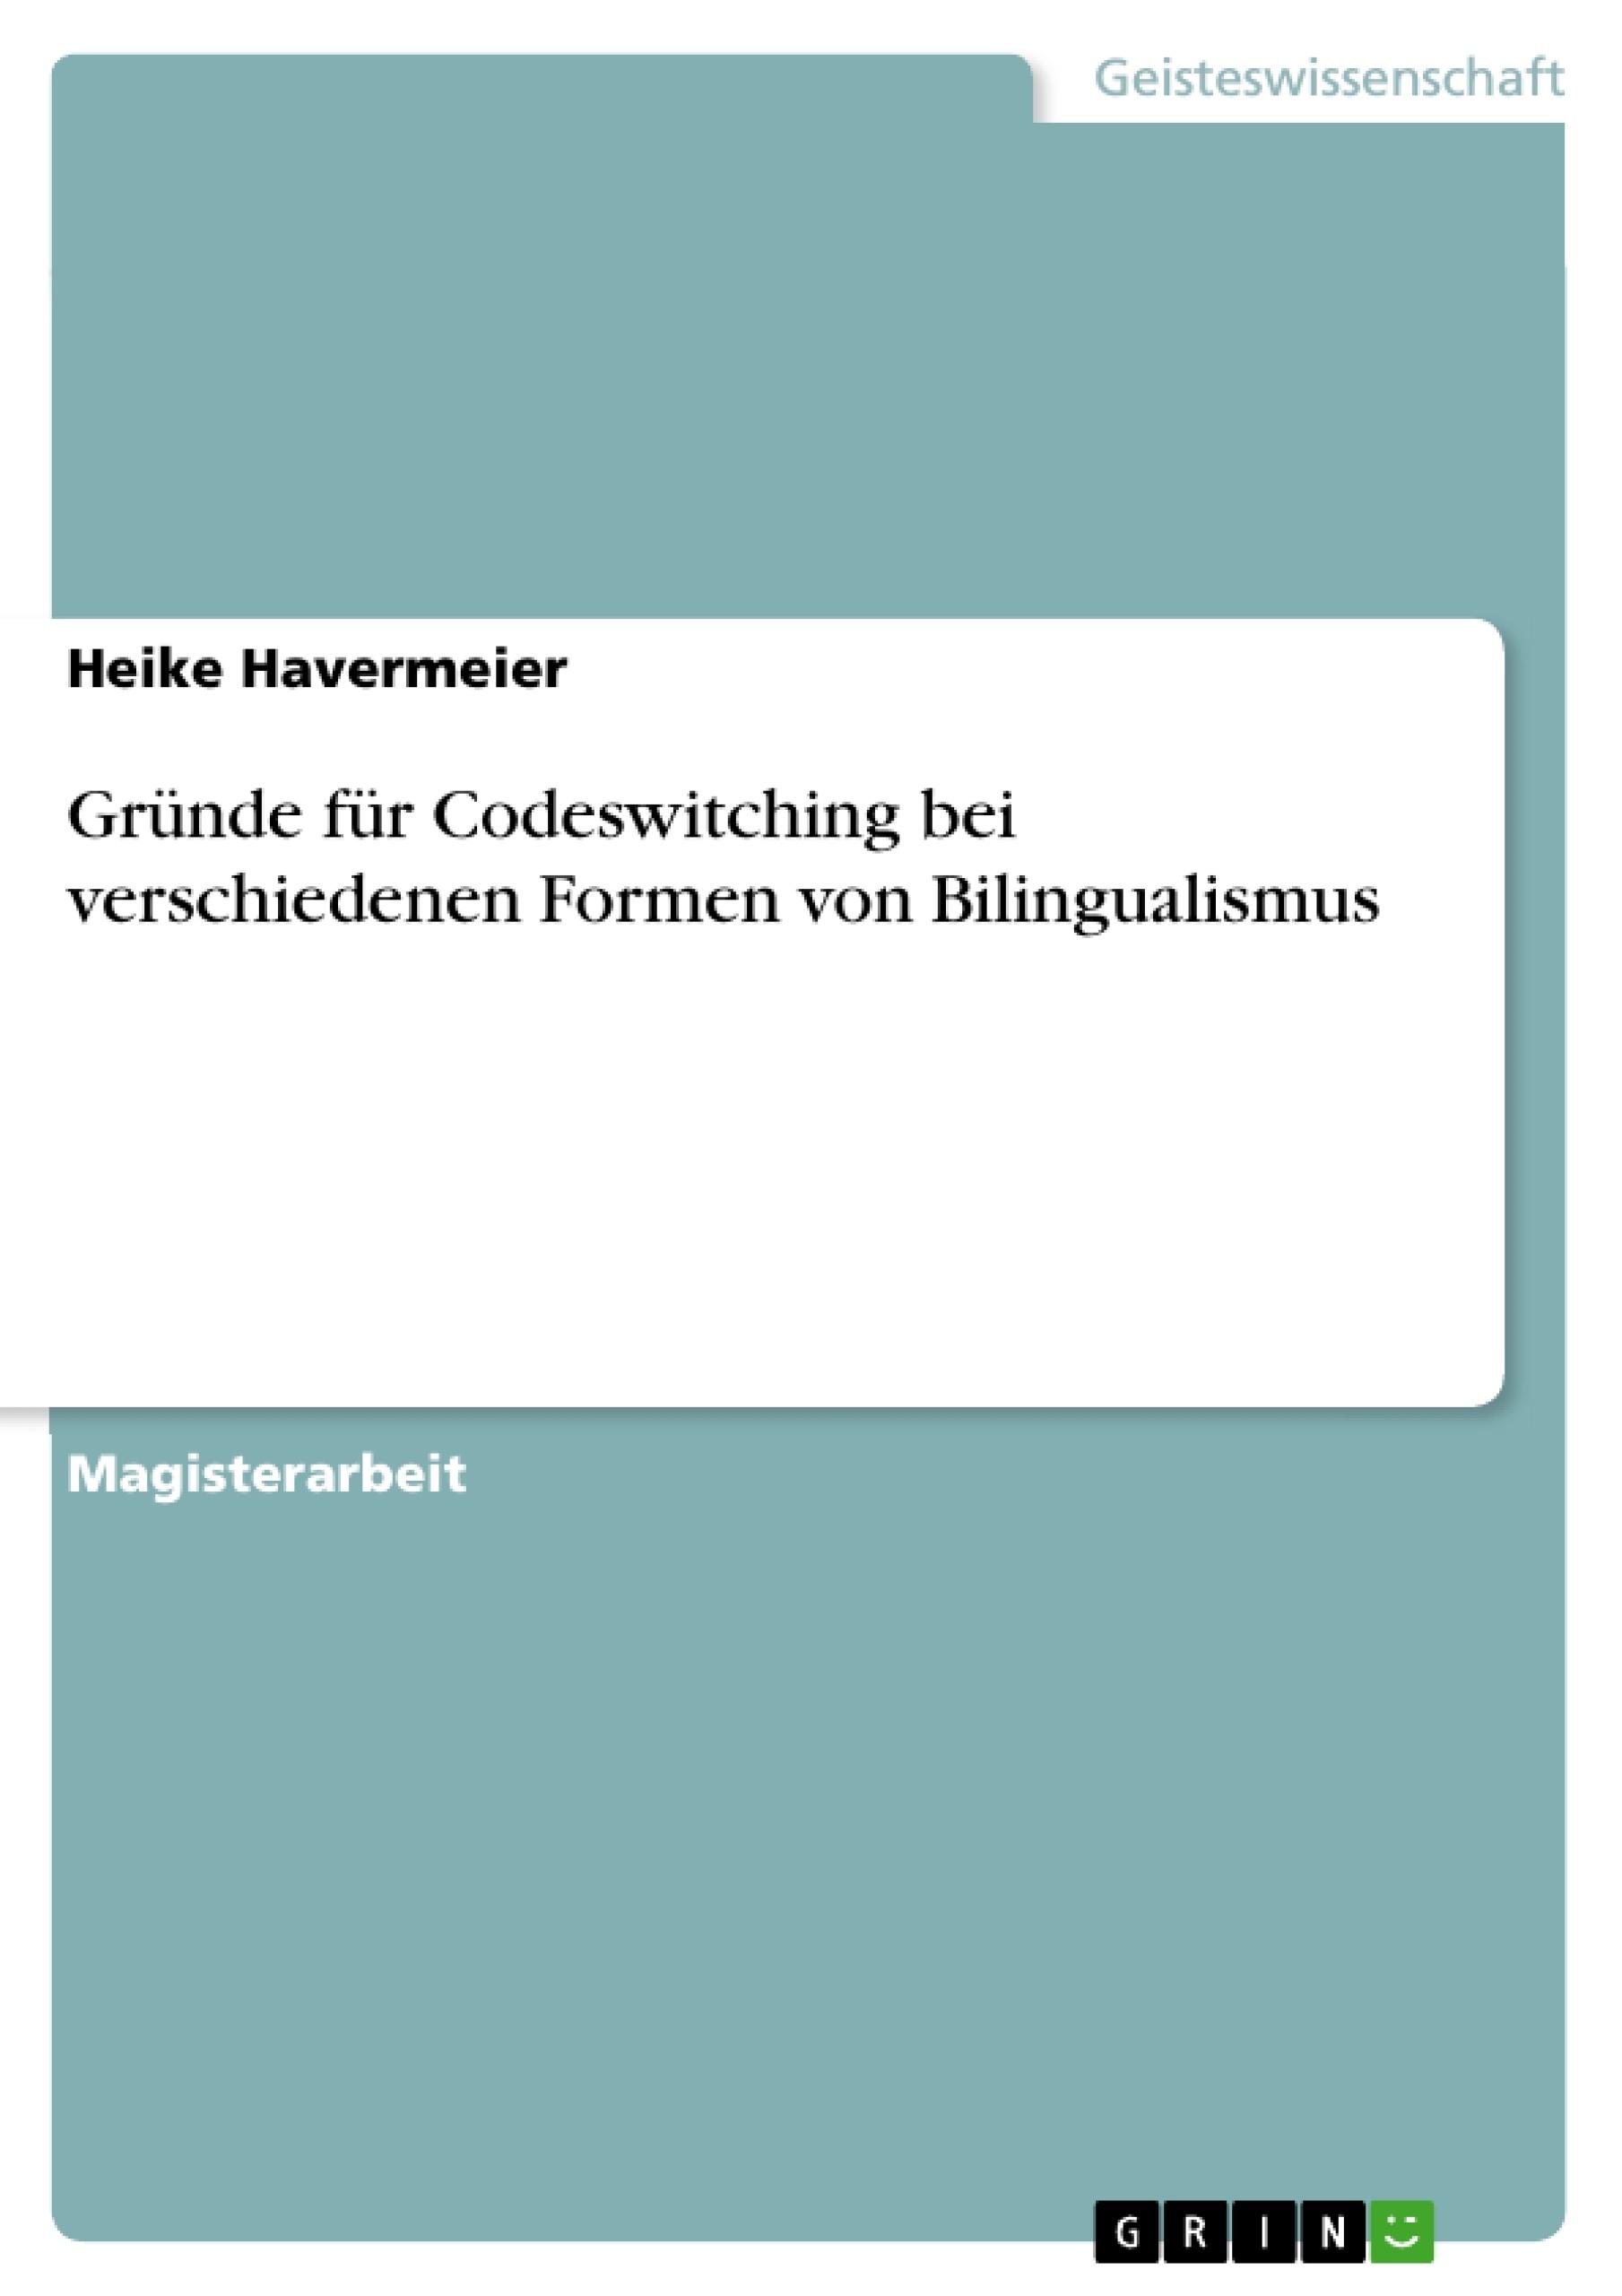 Titel: Gründe für Codeswitching bei verschiedenen Formen von Bilingualismus